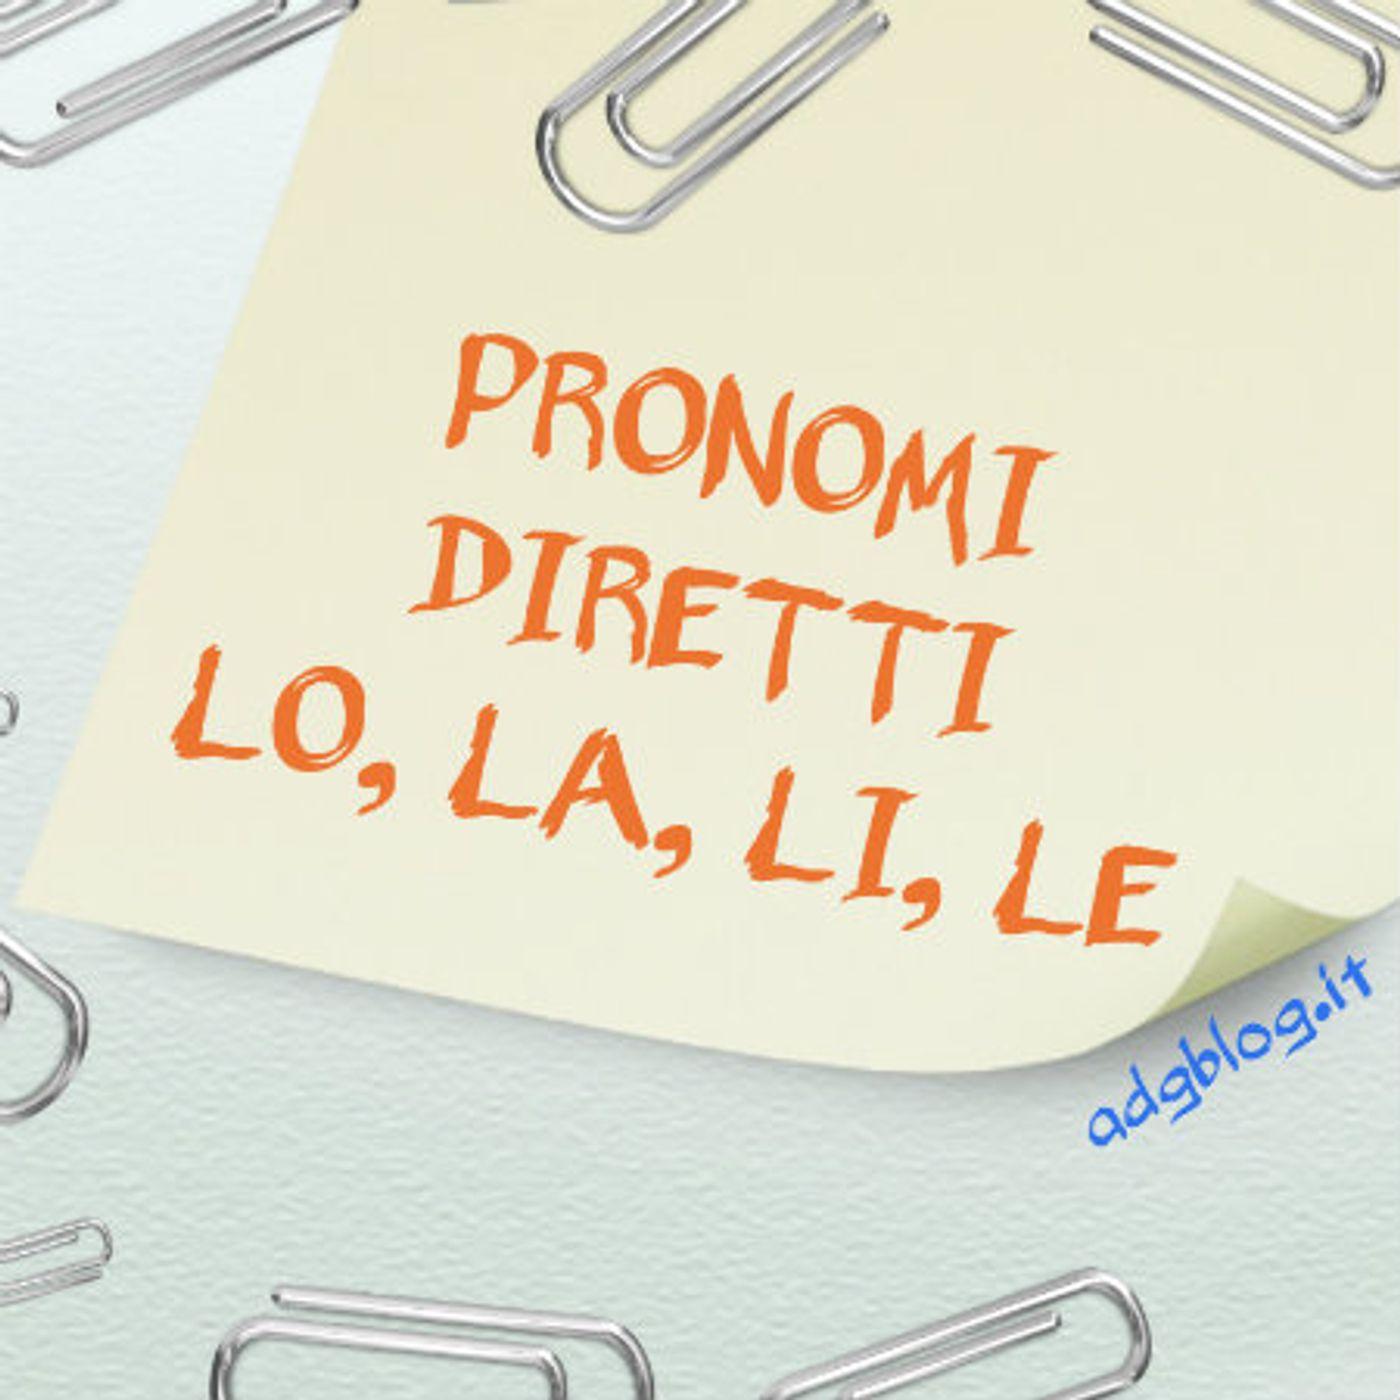 Ep. 47 - Pronomi diretti ovvero il accusativo 🇮🇹 Luisa's Podcast